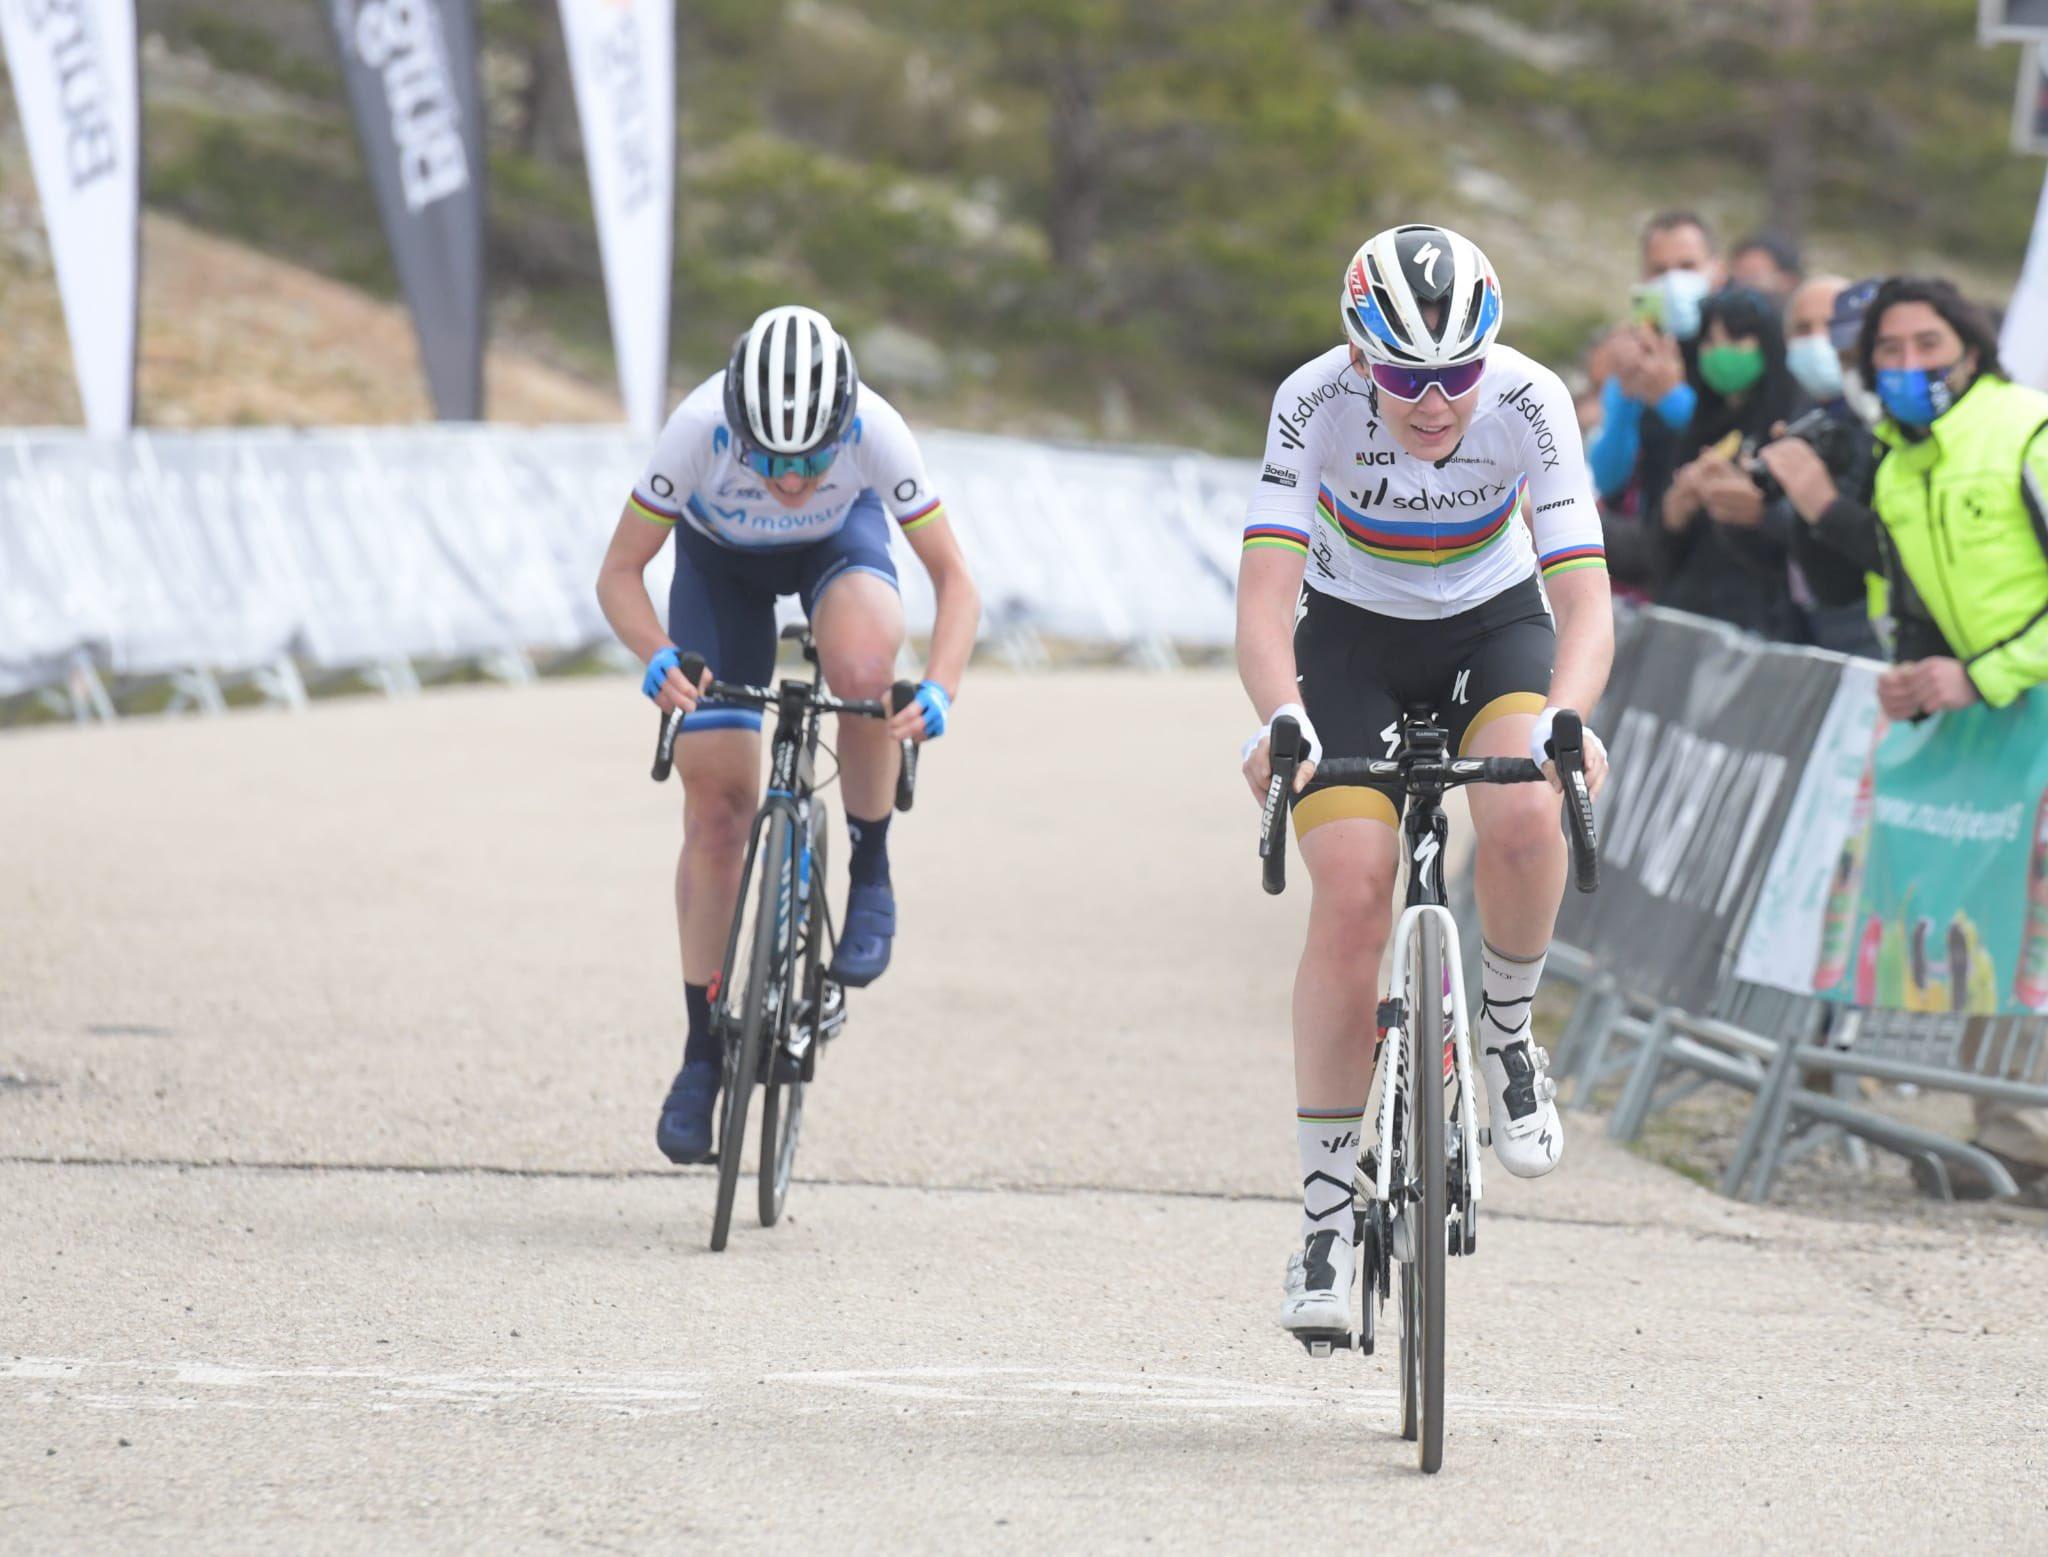 Anna van der breggen gana la última etapa y la general de Vuelta a Burgos féminas 2021